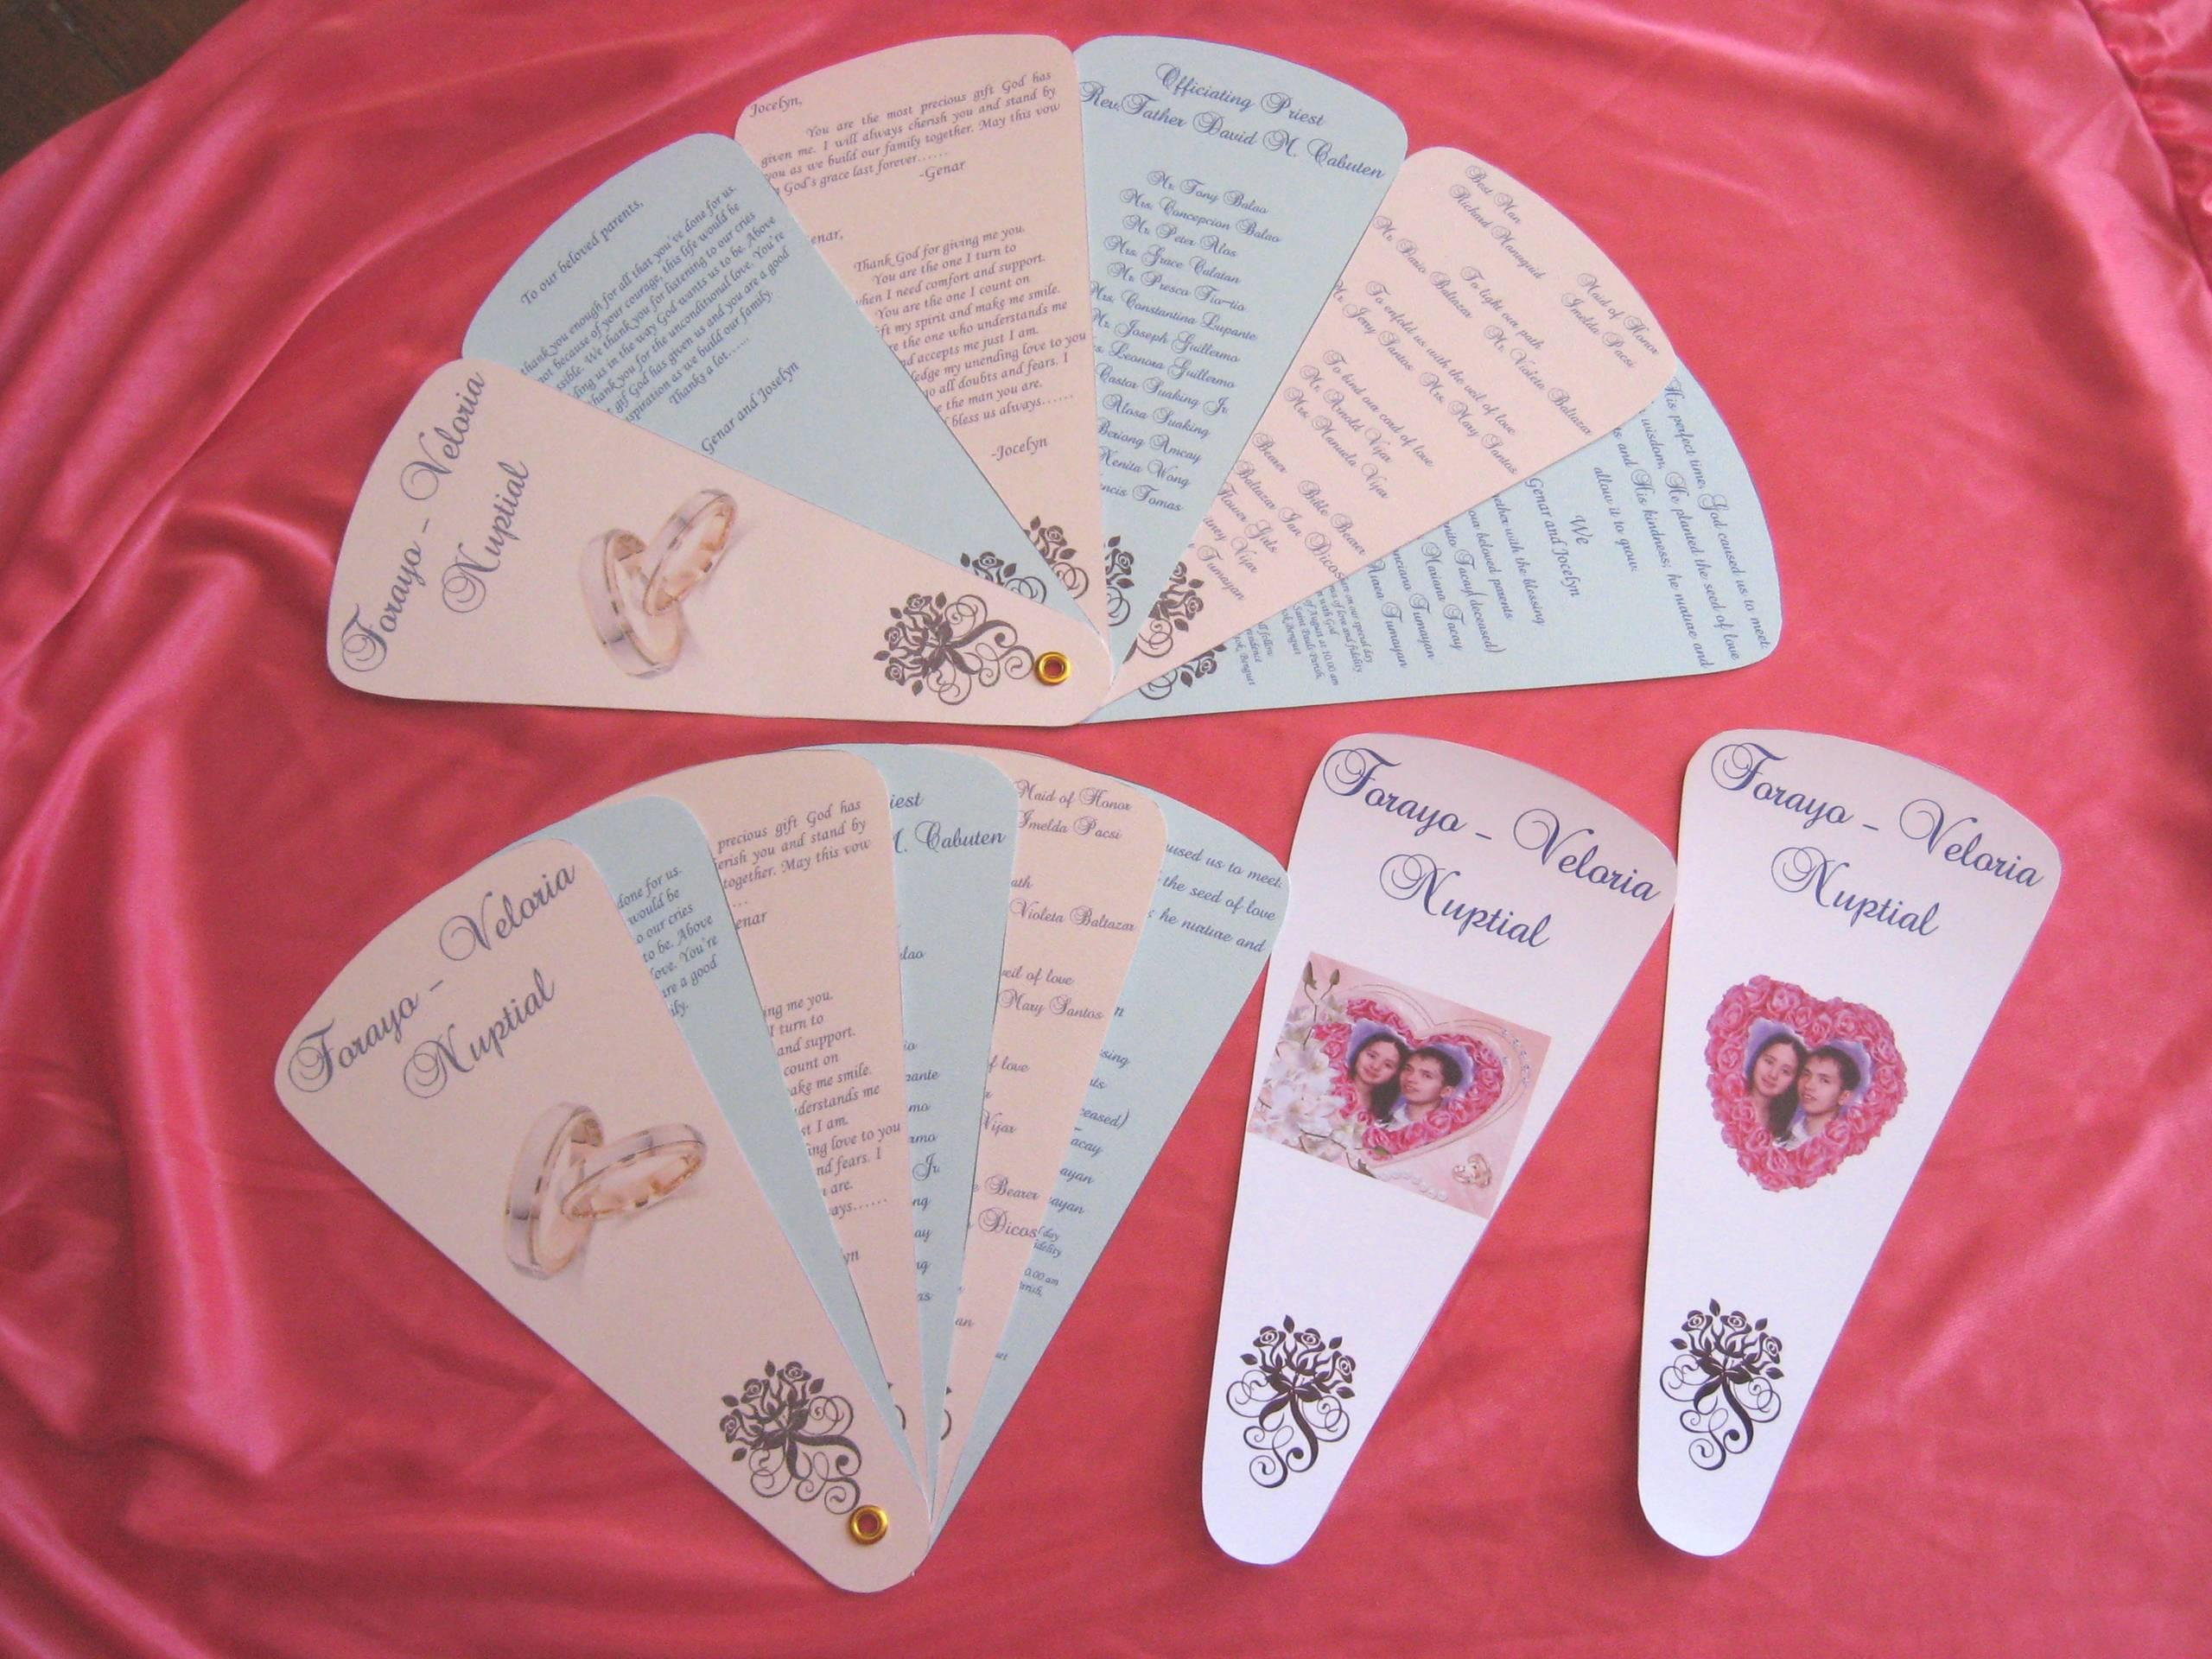 Fan Invitation | Craftandarts\'s Blog